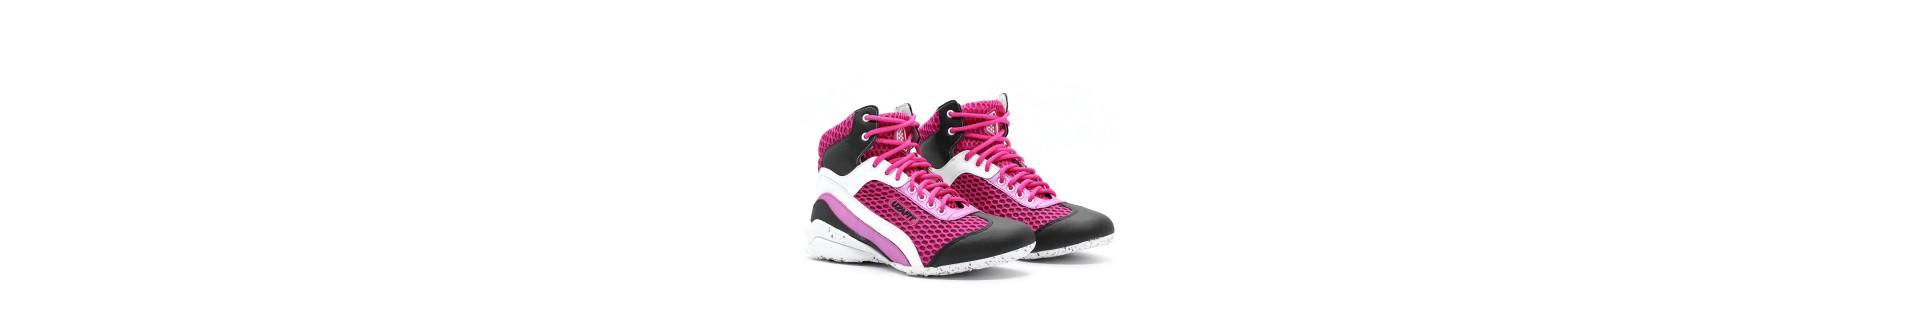 scarpe sportive e scarpe per la palestra per uomo e donna.